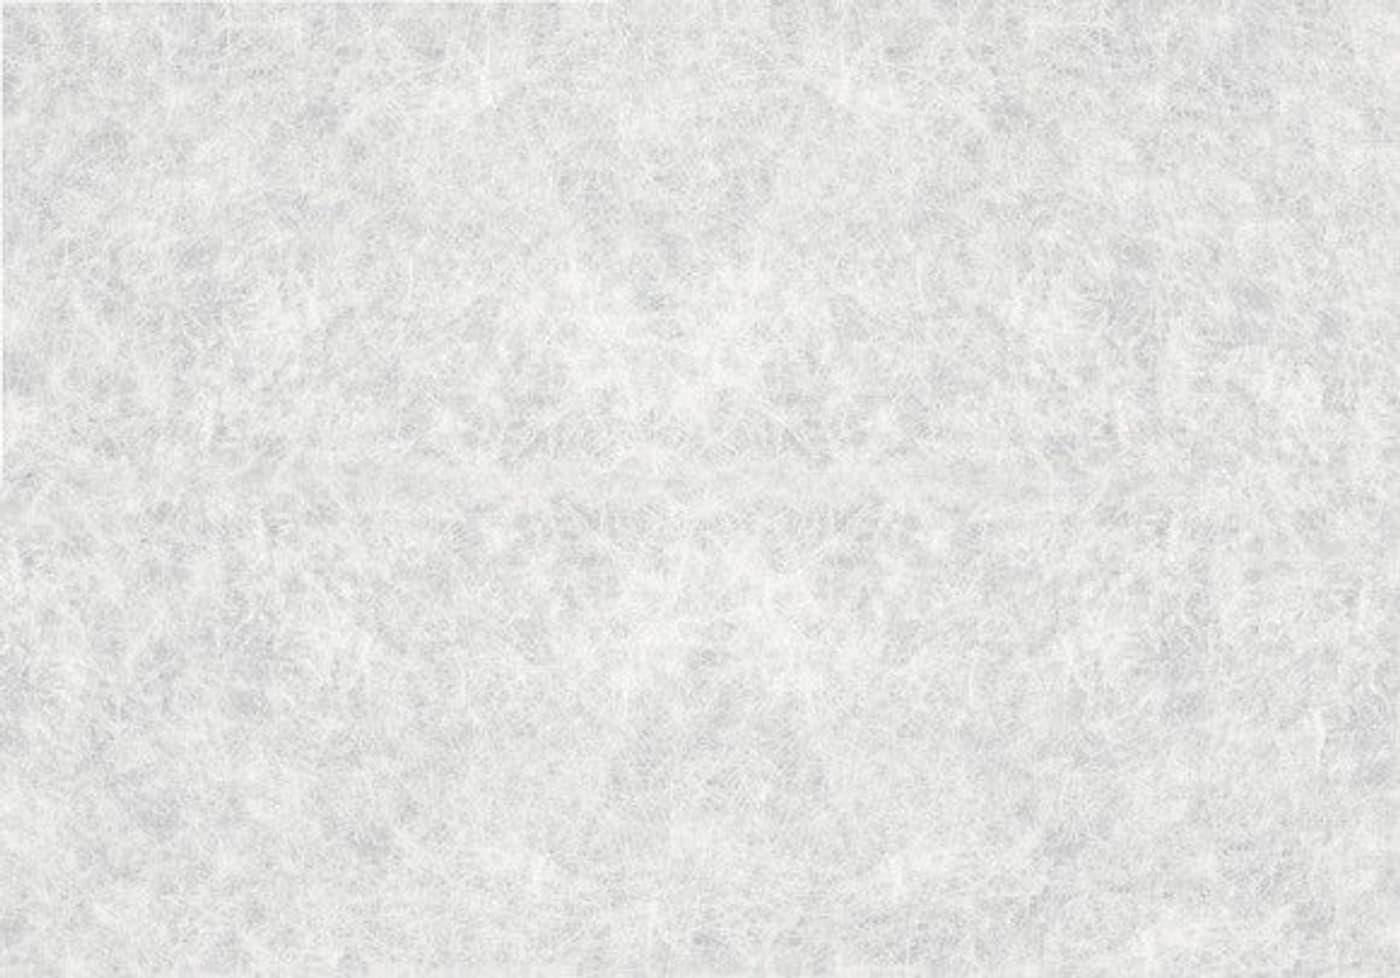 Glasfolien selbstklebend reispapier migros for Dekofolien selbstklebend